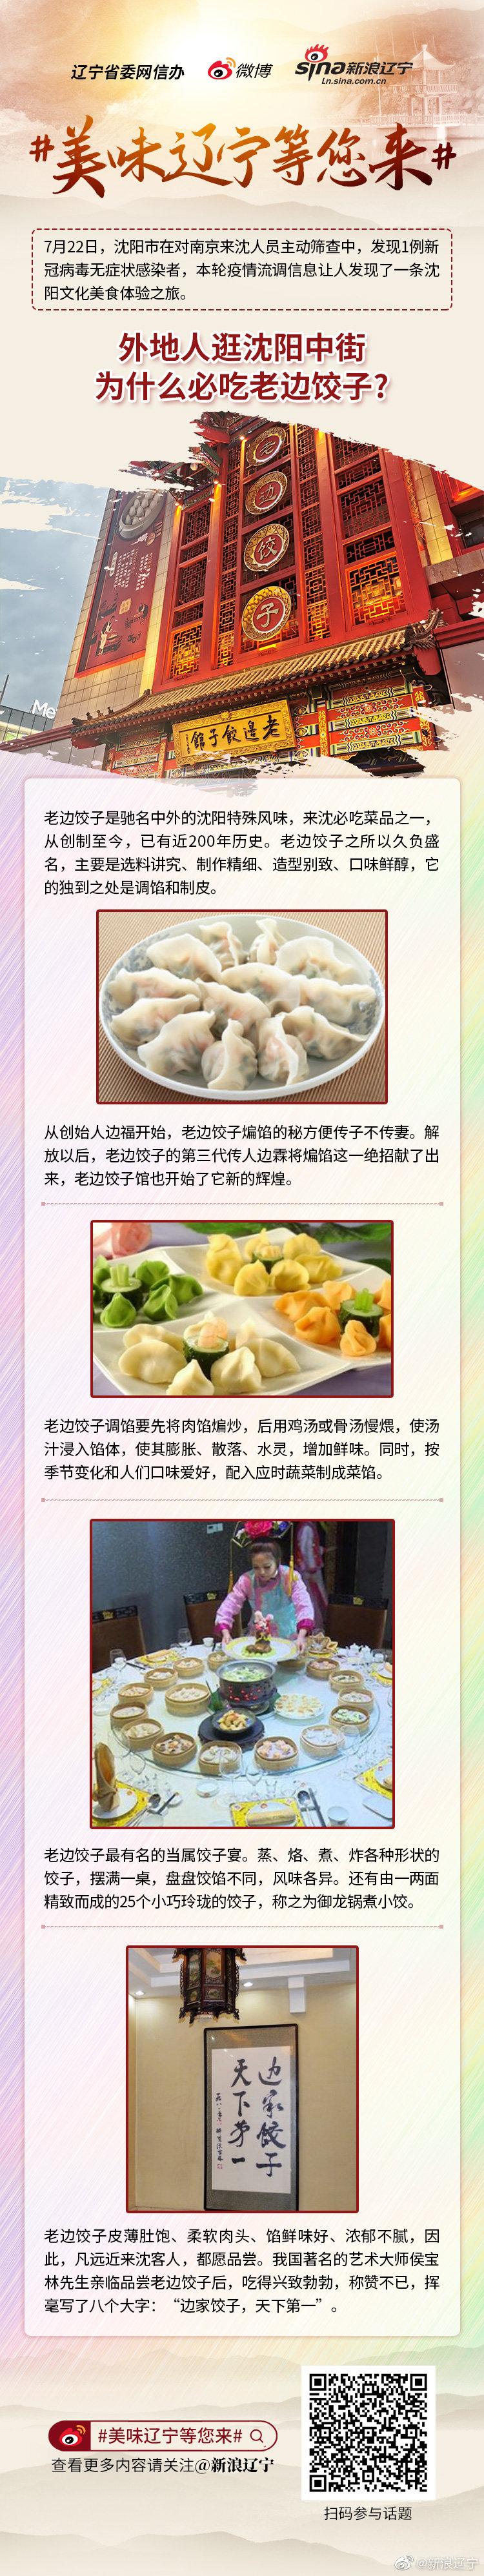 美味辽宁等您来 外地人逛沈阳中街为什么必吃老边饺子?